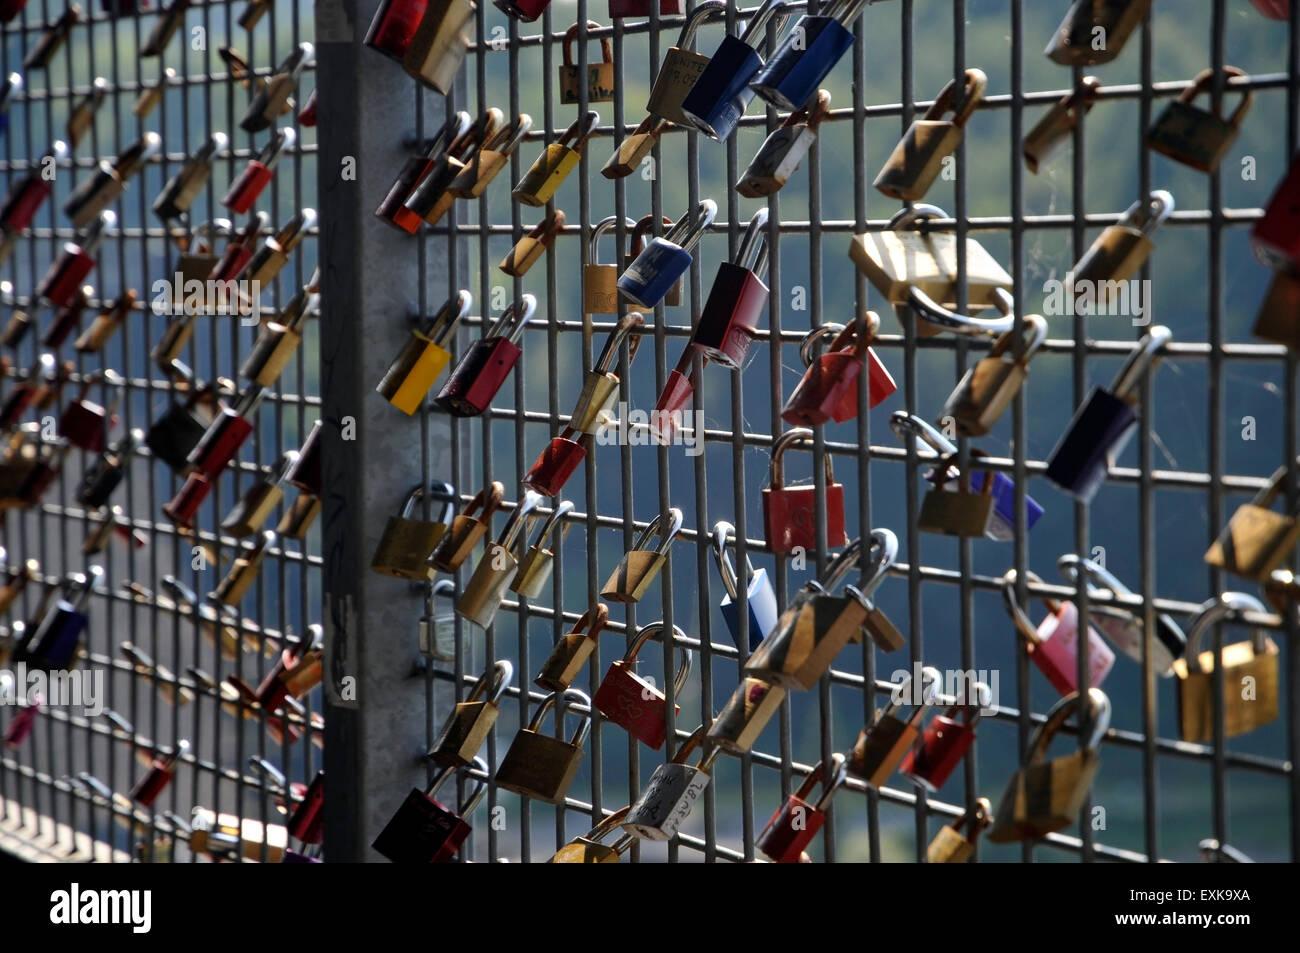 Love locks on bridge german europe - Stock Image